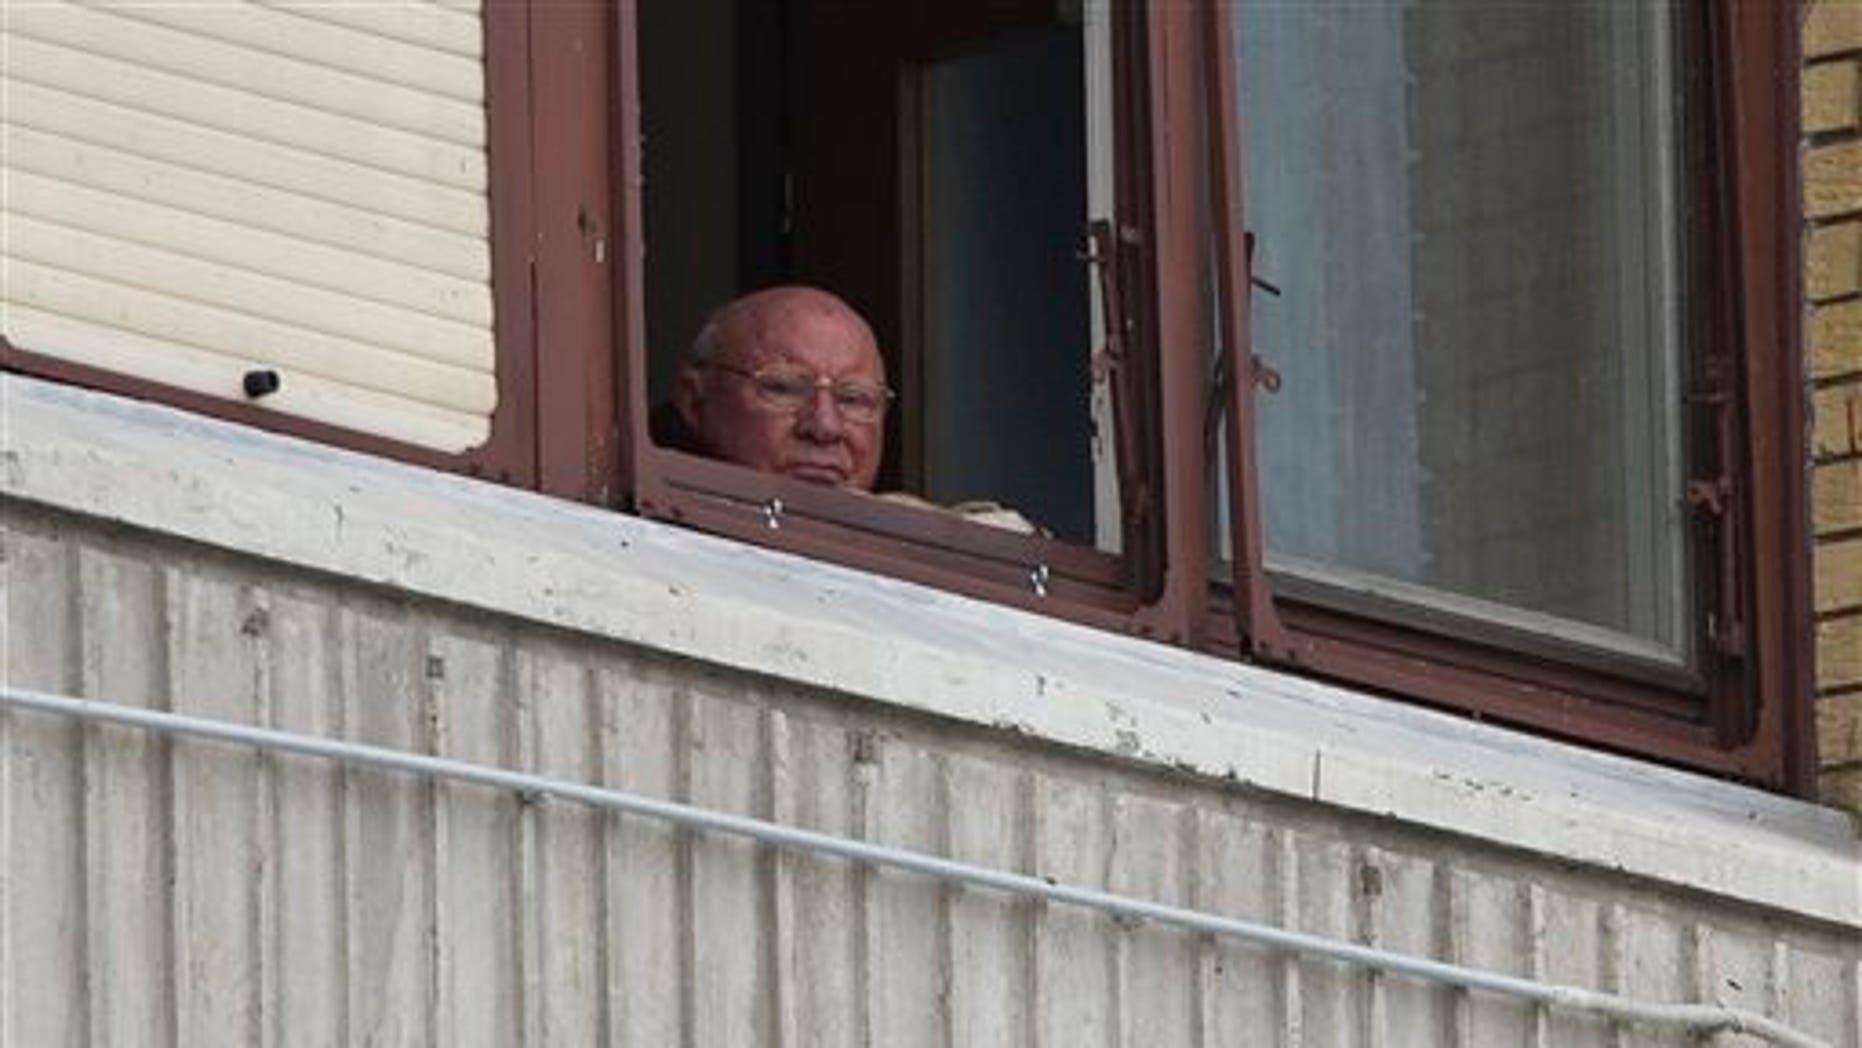 July 28, 2014: Jakob Denzinger looks from his apartment window in Osijek, eastern Croatia.